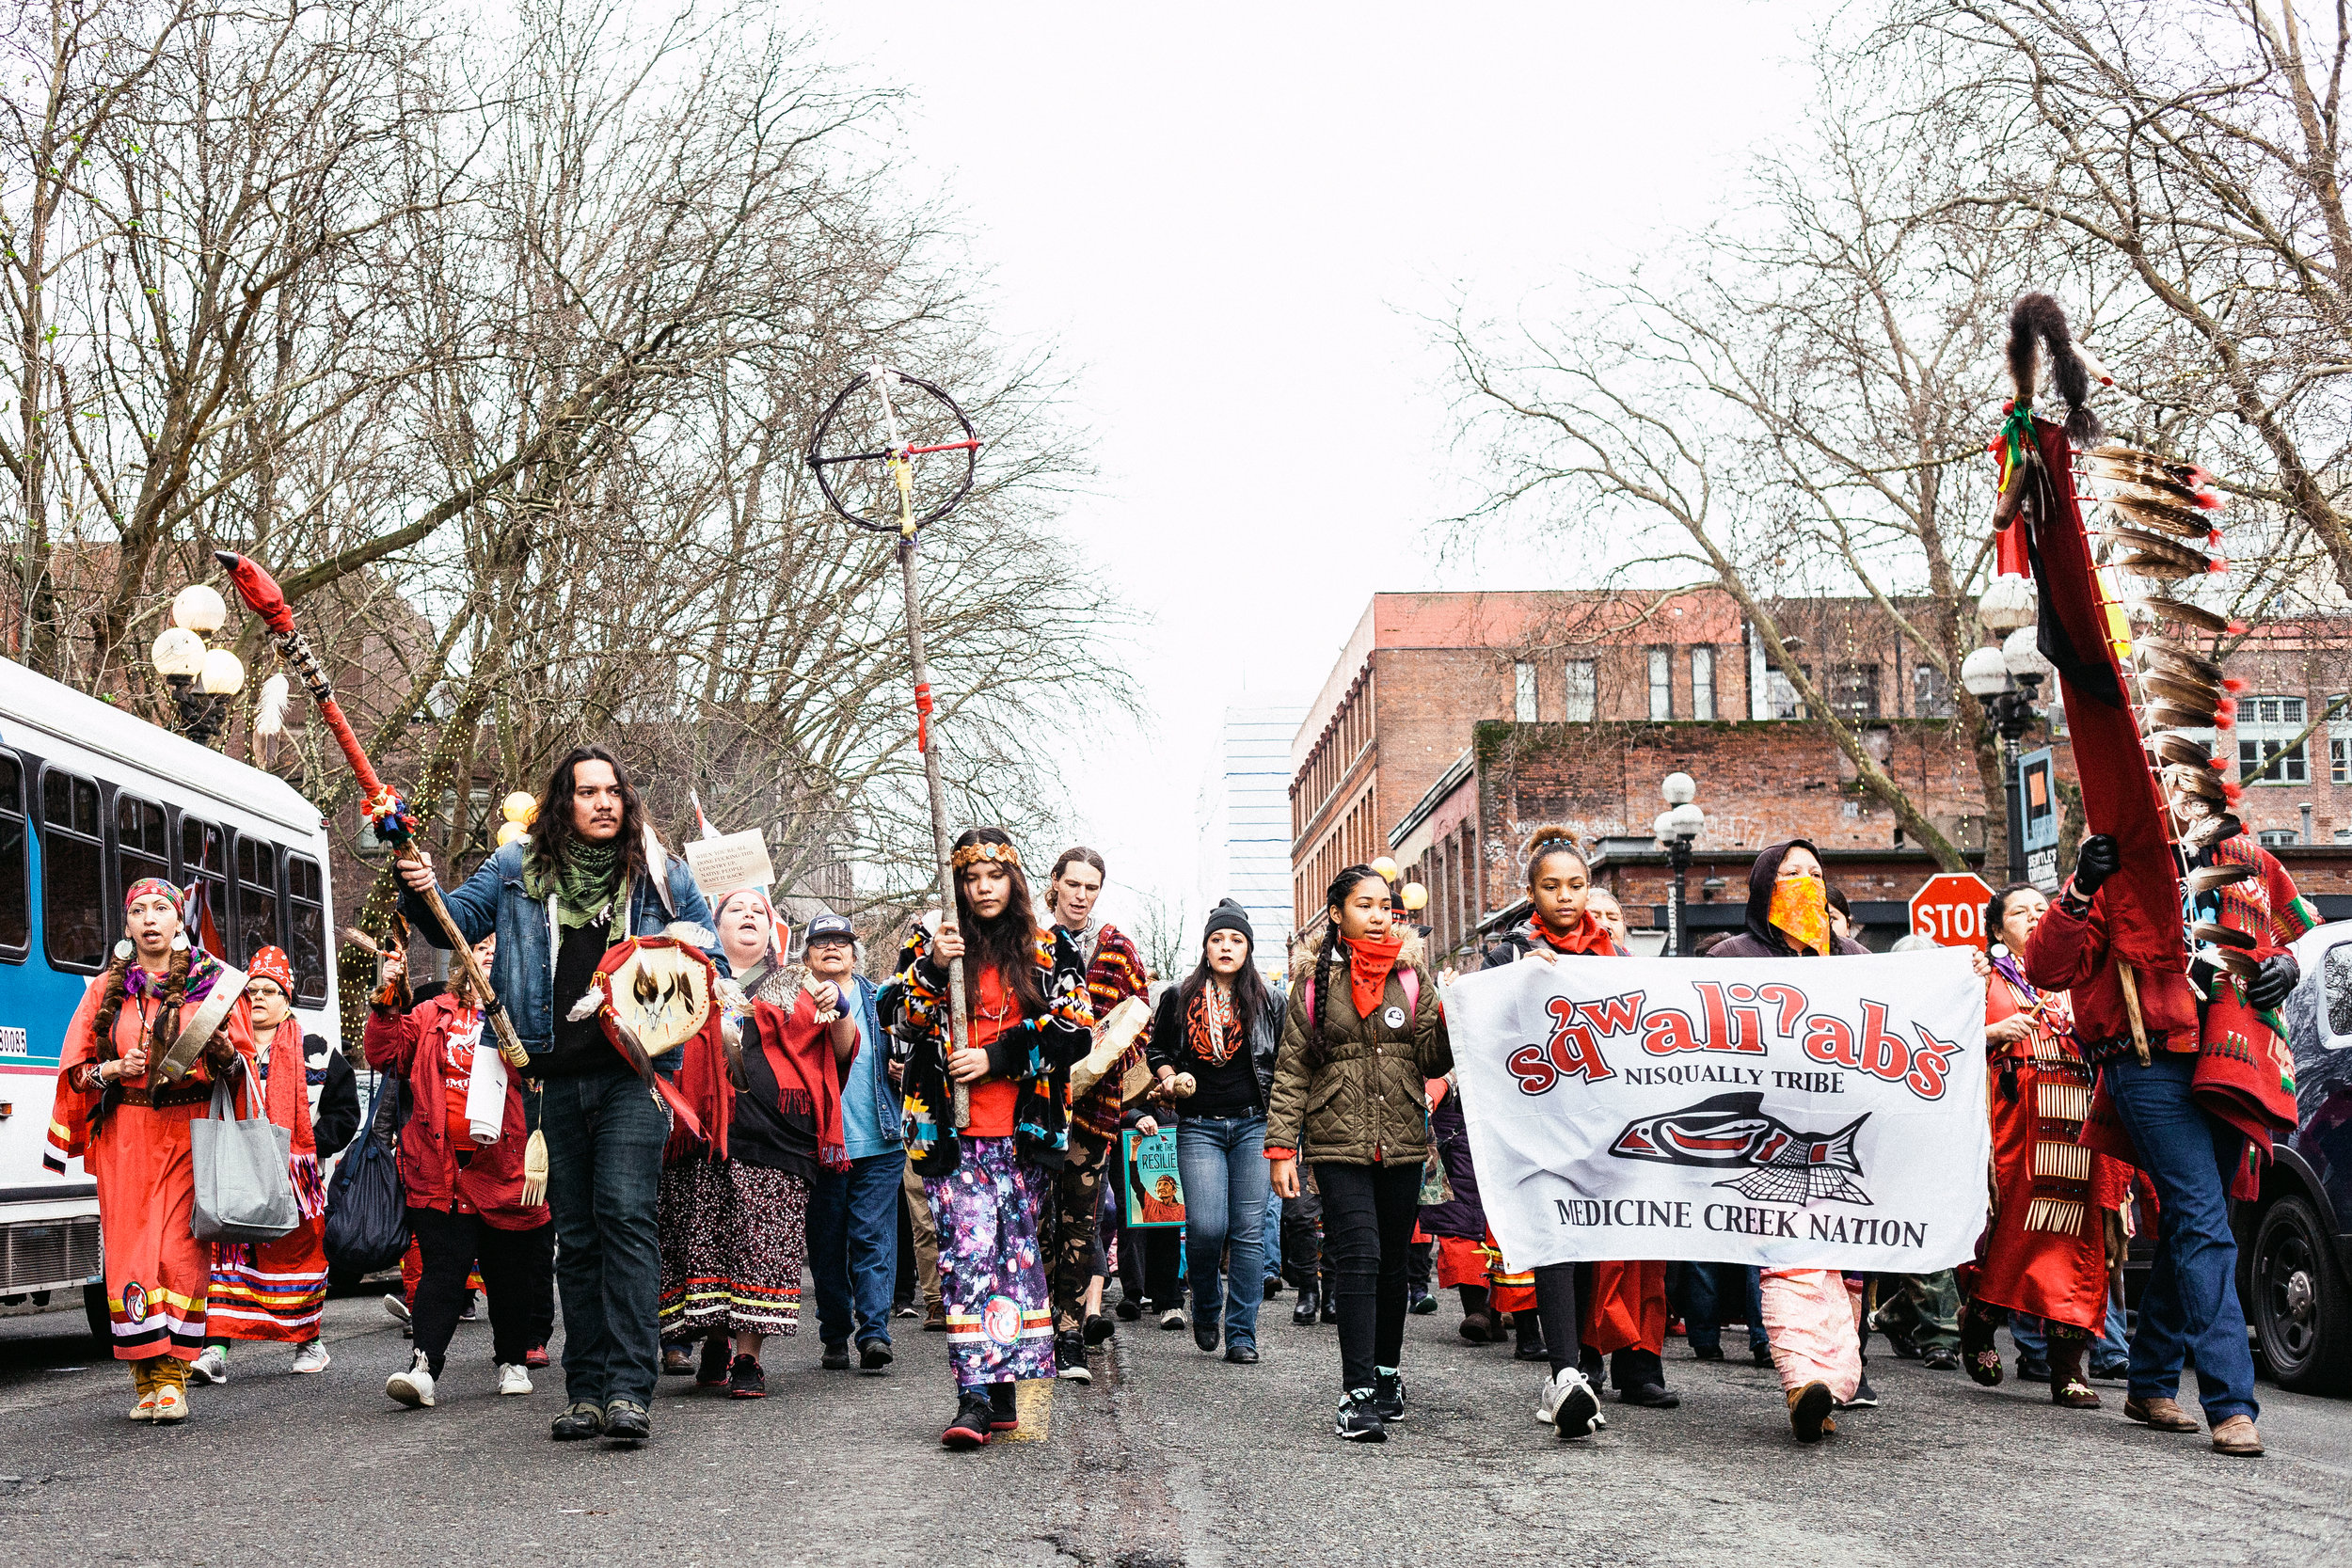 Indigenouswomxnsmarch25.jpg